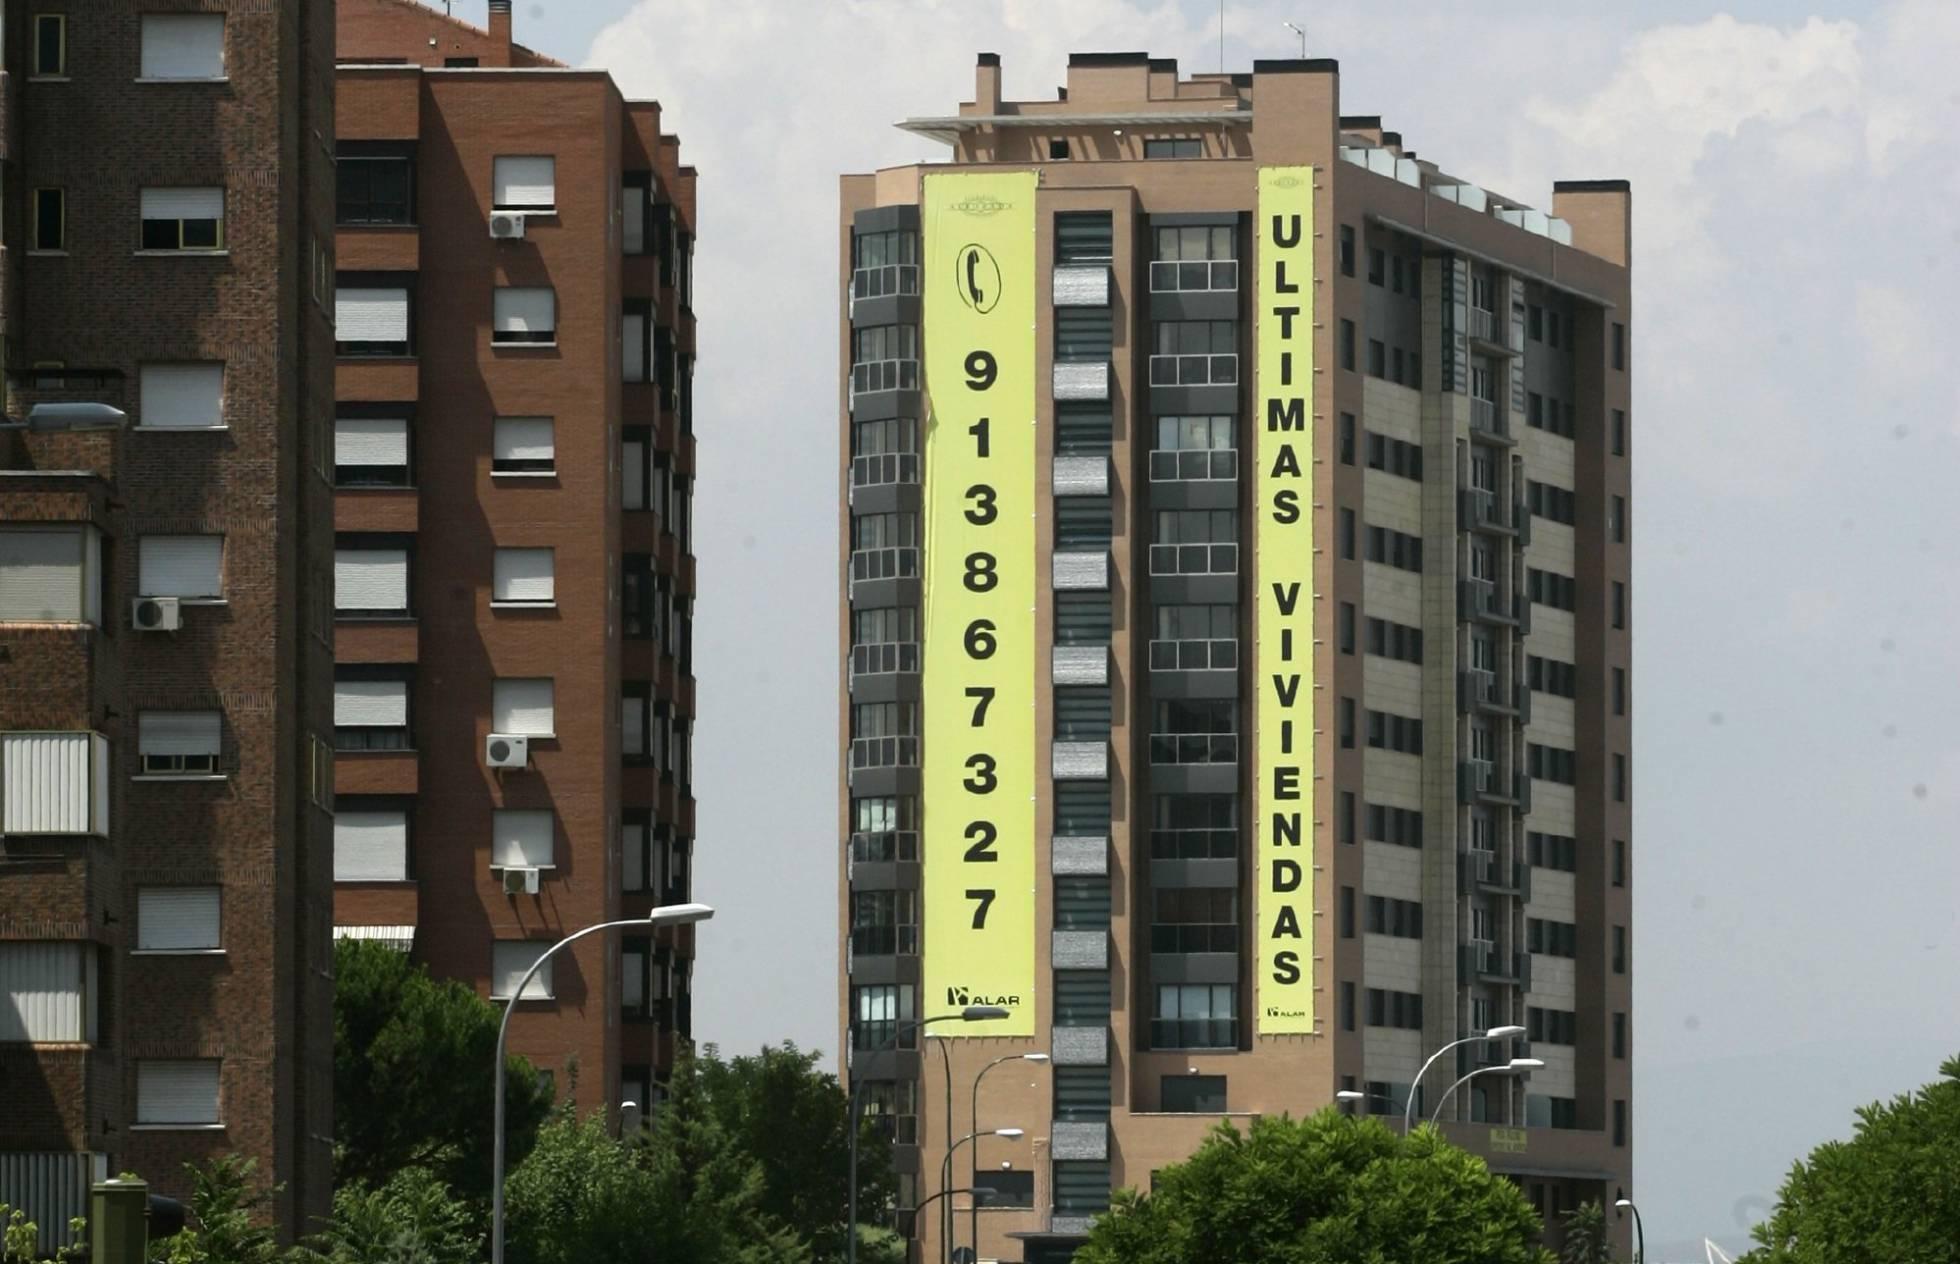 La vivienda en la era 'postburbuja': comprar cuesta un 21% menos que en 2007 y alquilar, un 11% más